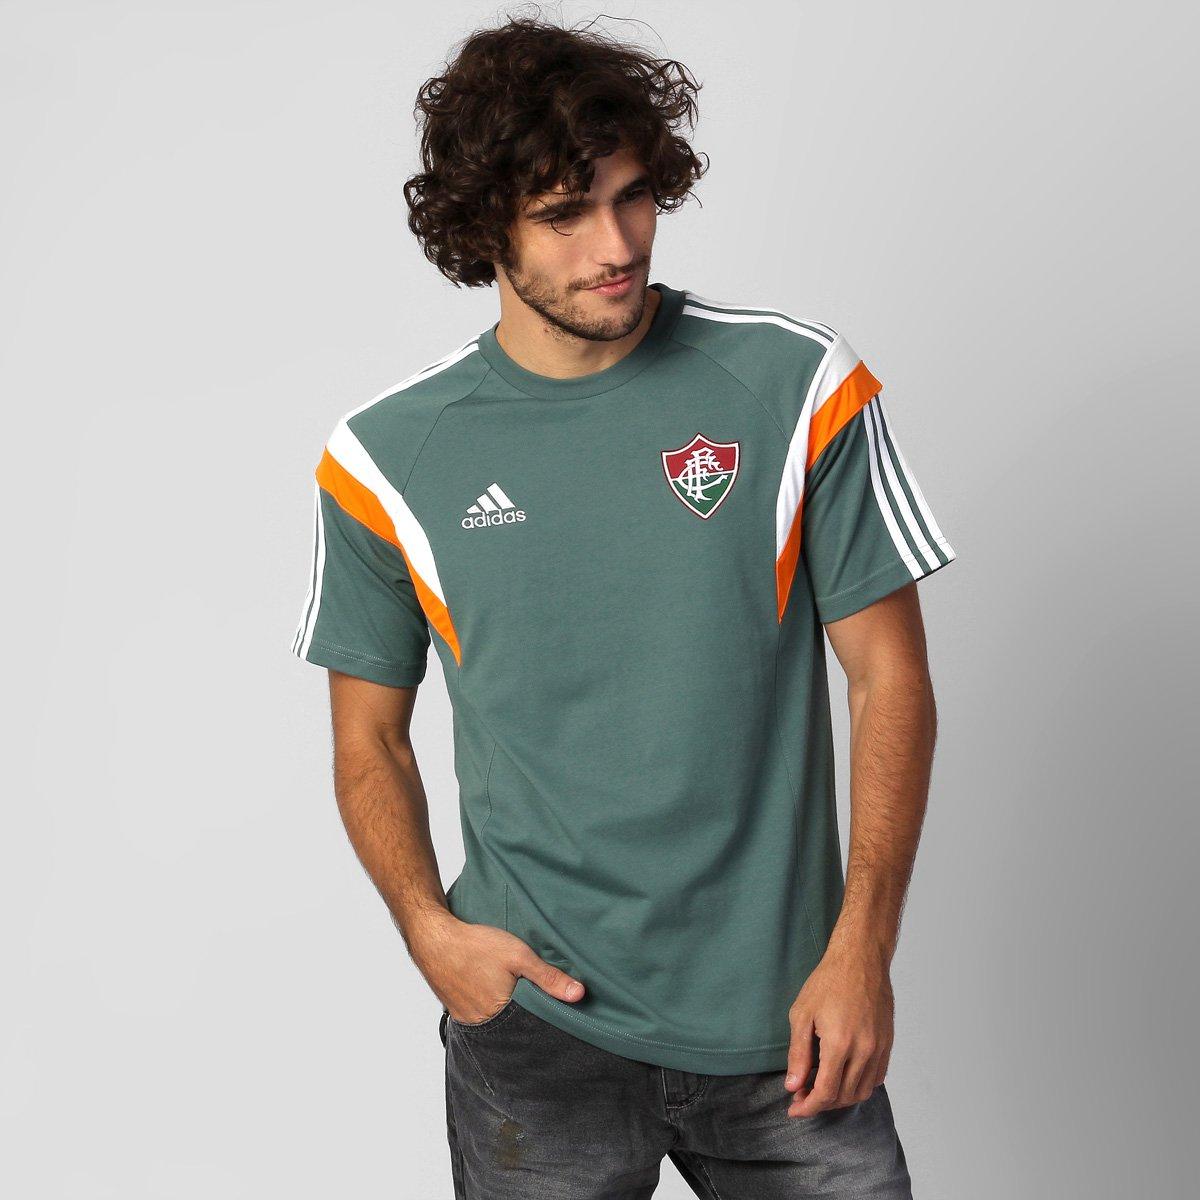 Camisa Adidas Fluminense Viagem 2014 - Compre Agora  1de2883aa46c2